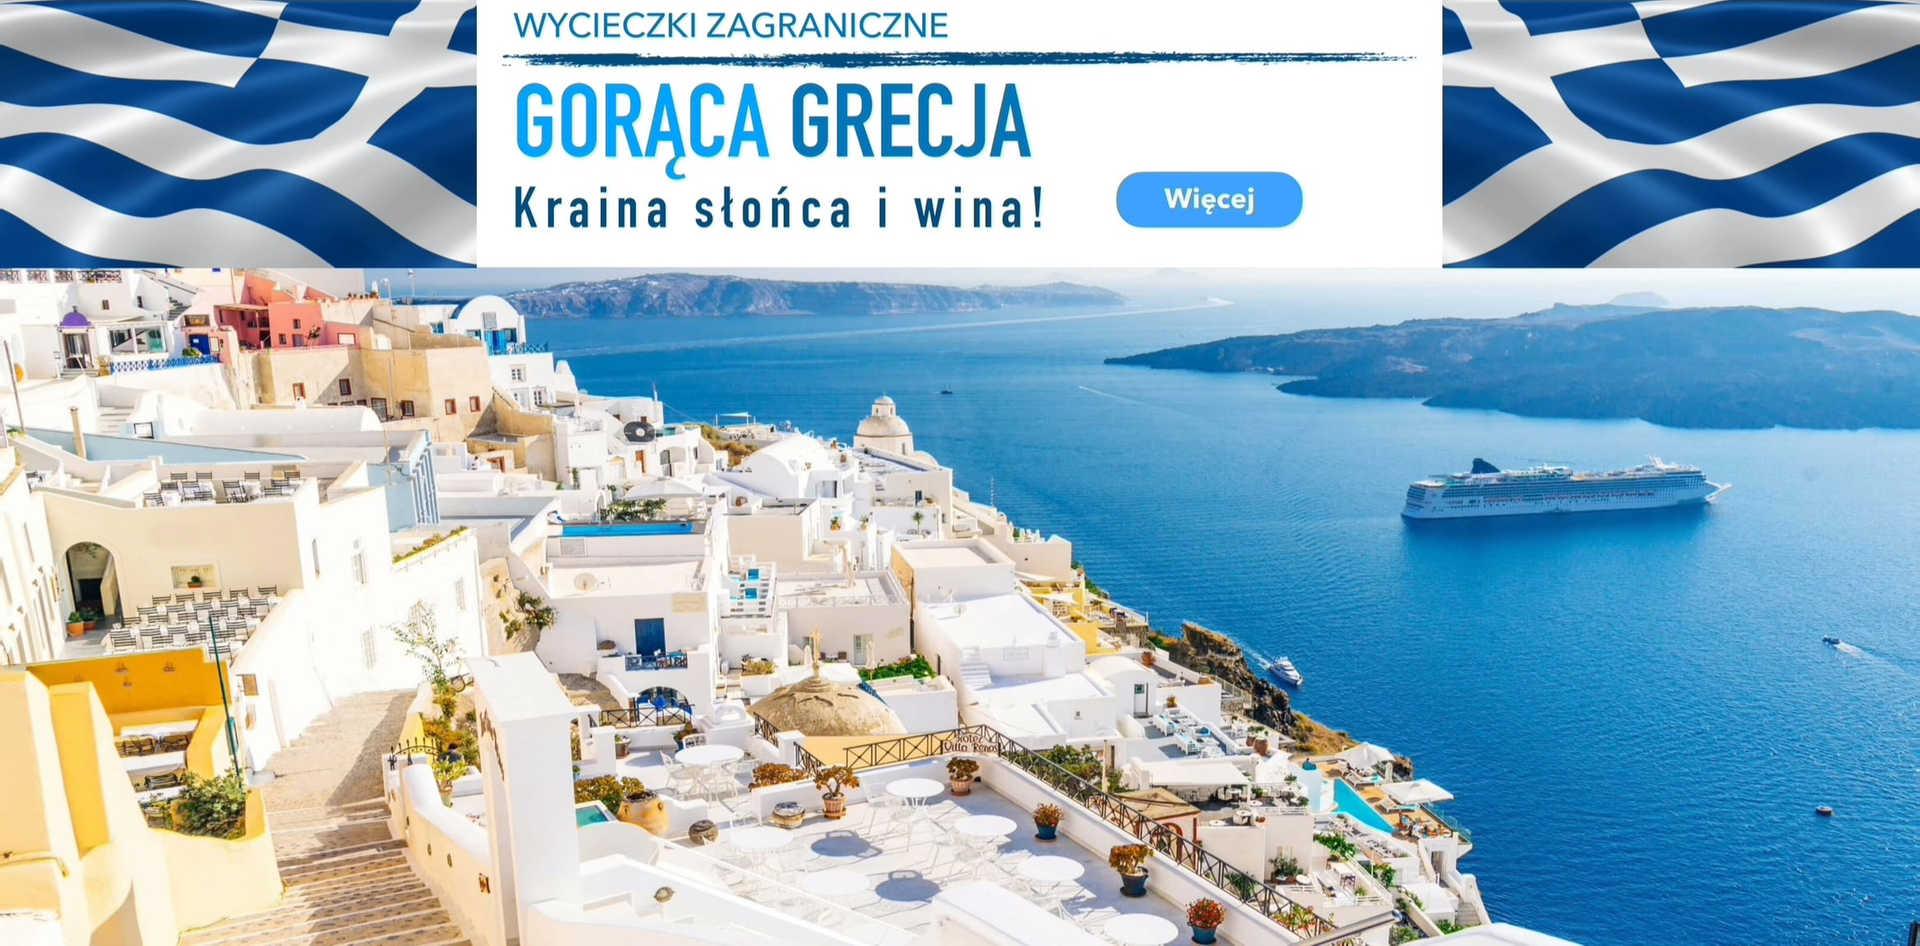 Grecja%20g%C5%82%C3%B3wna-1_edited.jpg